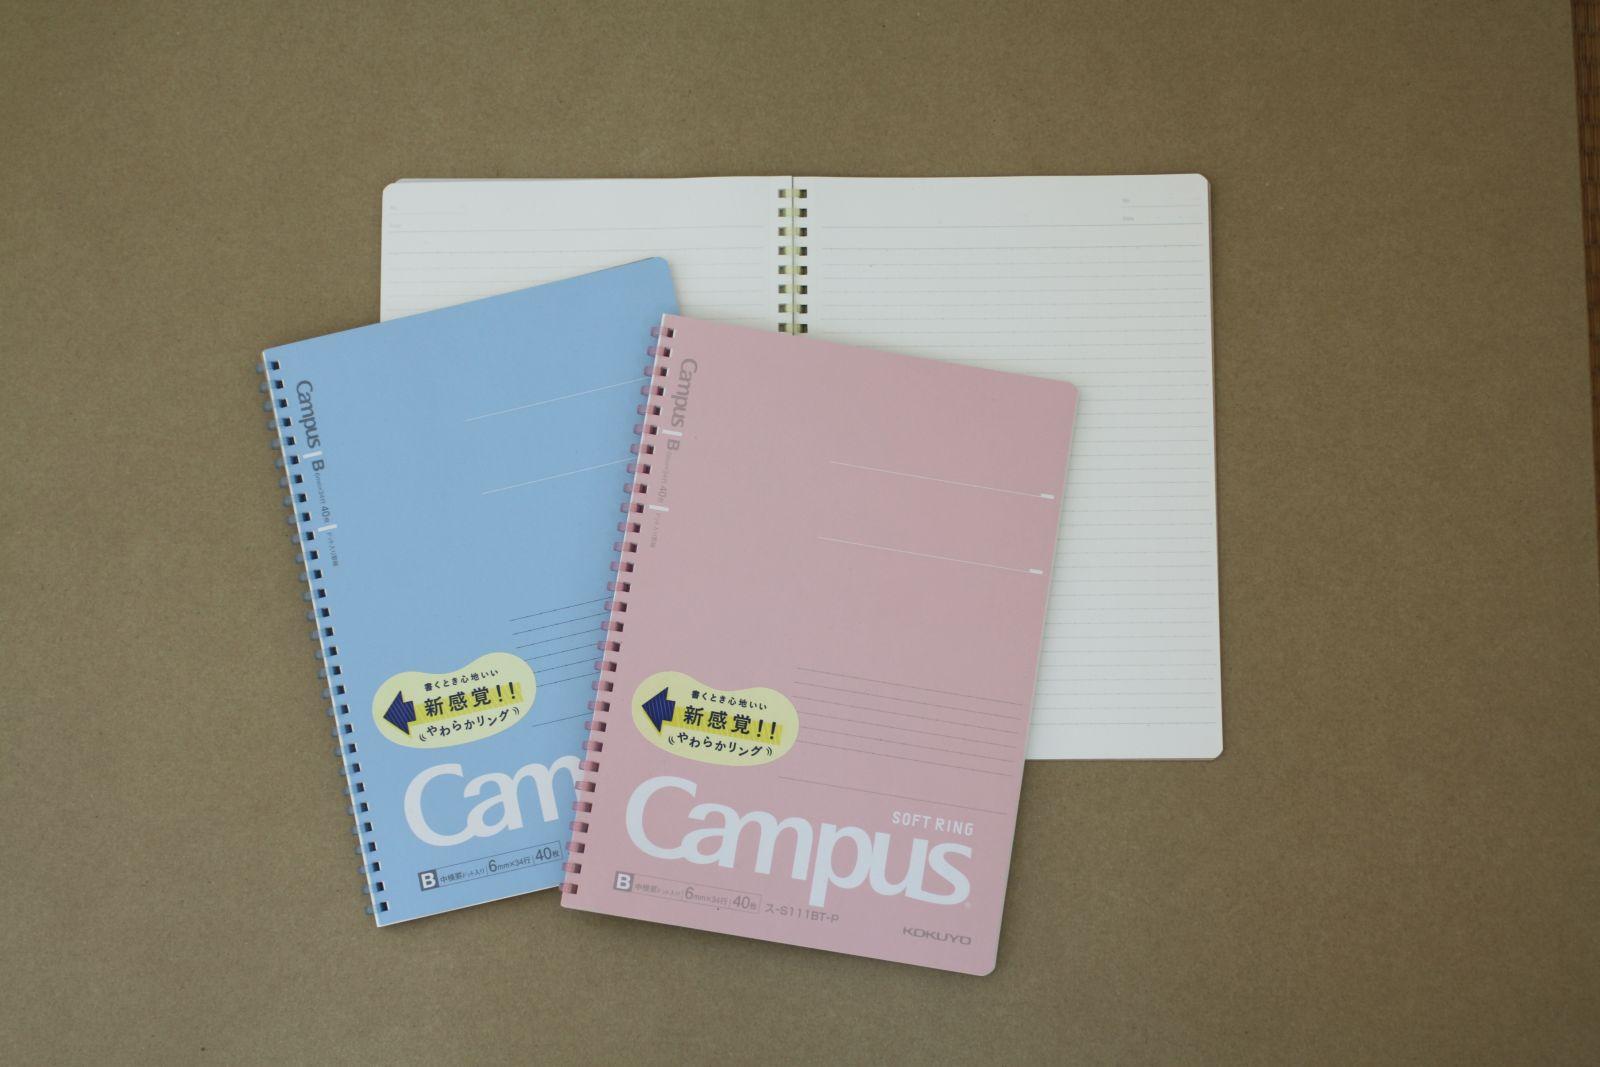 高校生に売れている文房具1:コクヨ(KOKUYO)「キャンパス ソフトリングノート ドット罫」